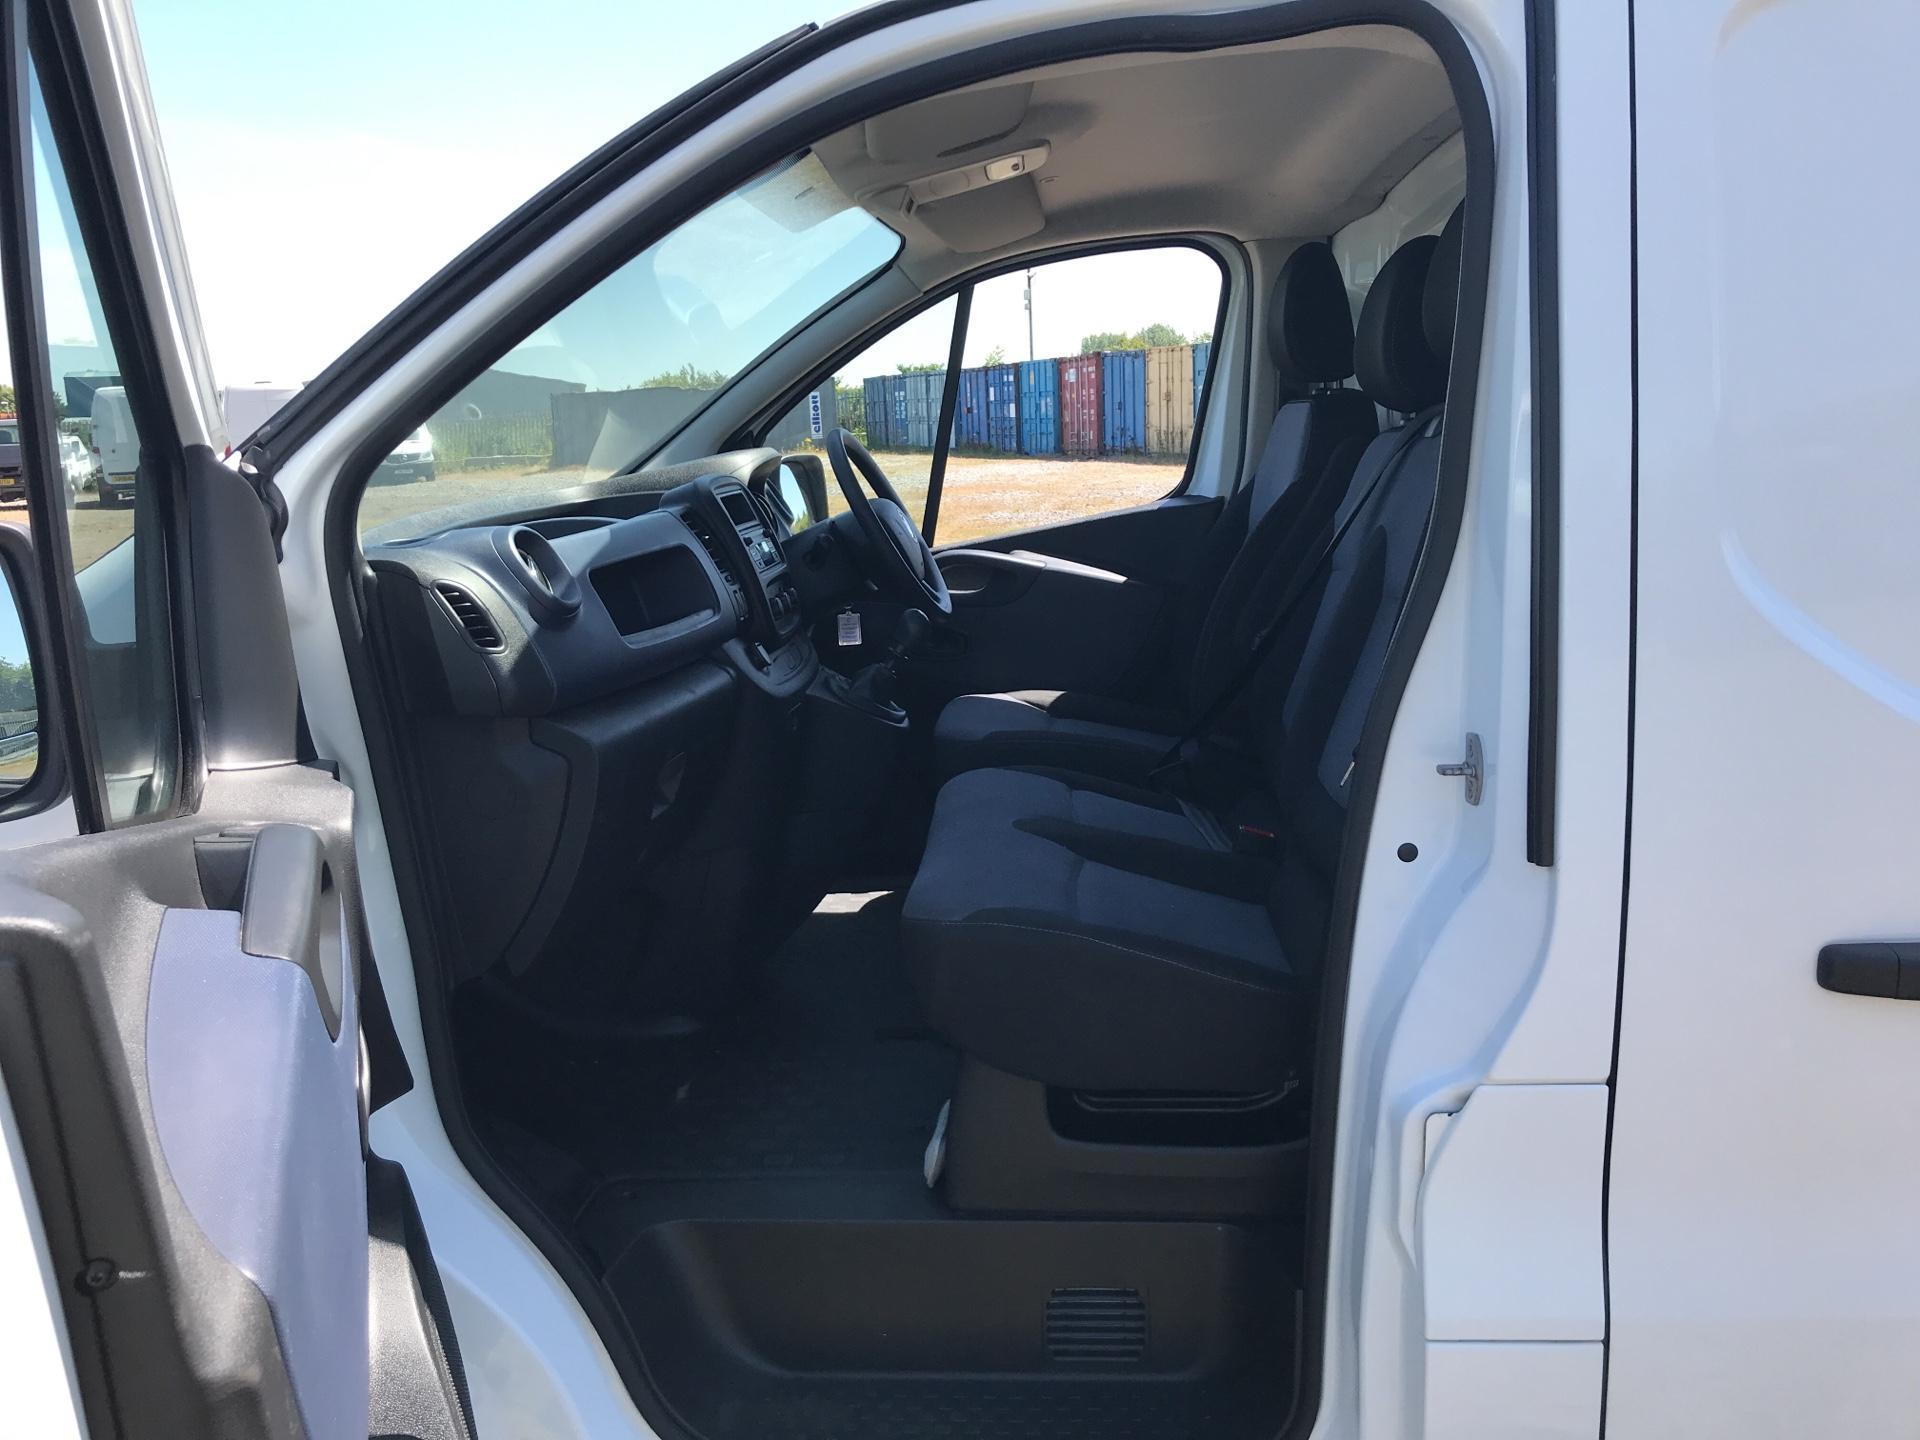 2016 Vauxhall Vivaro L2 H1 2900 1.6Cdti 115Ps EURO 5 (DG16OXS) Image 14